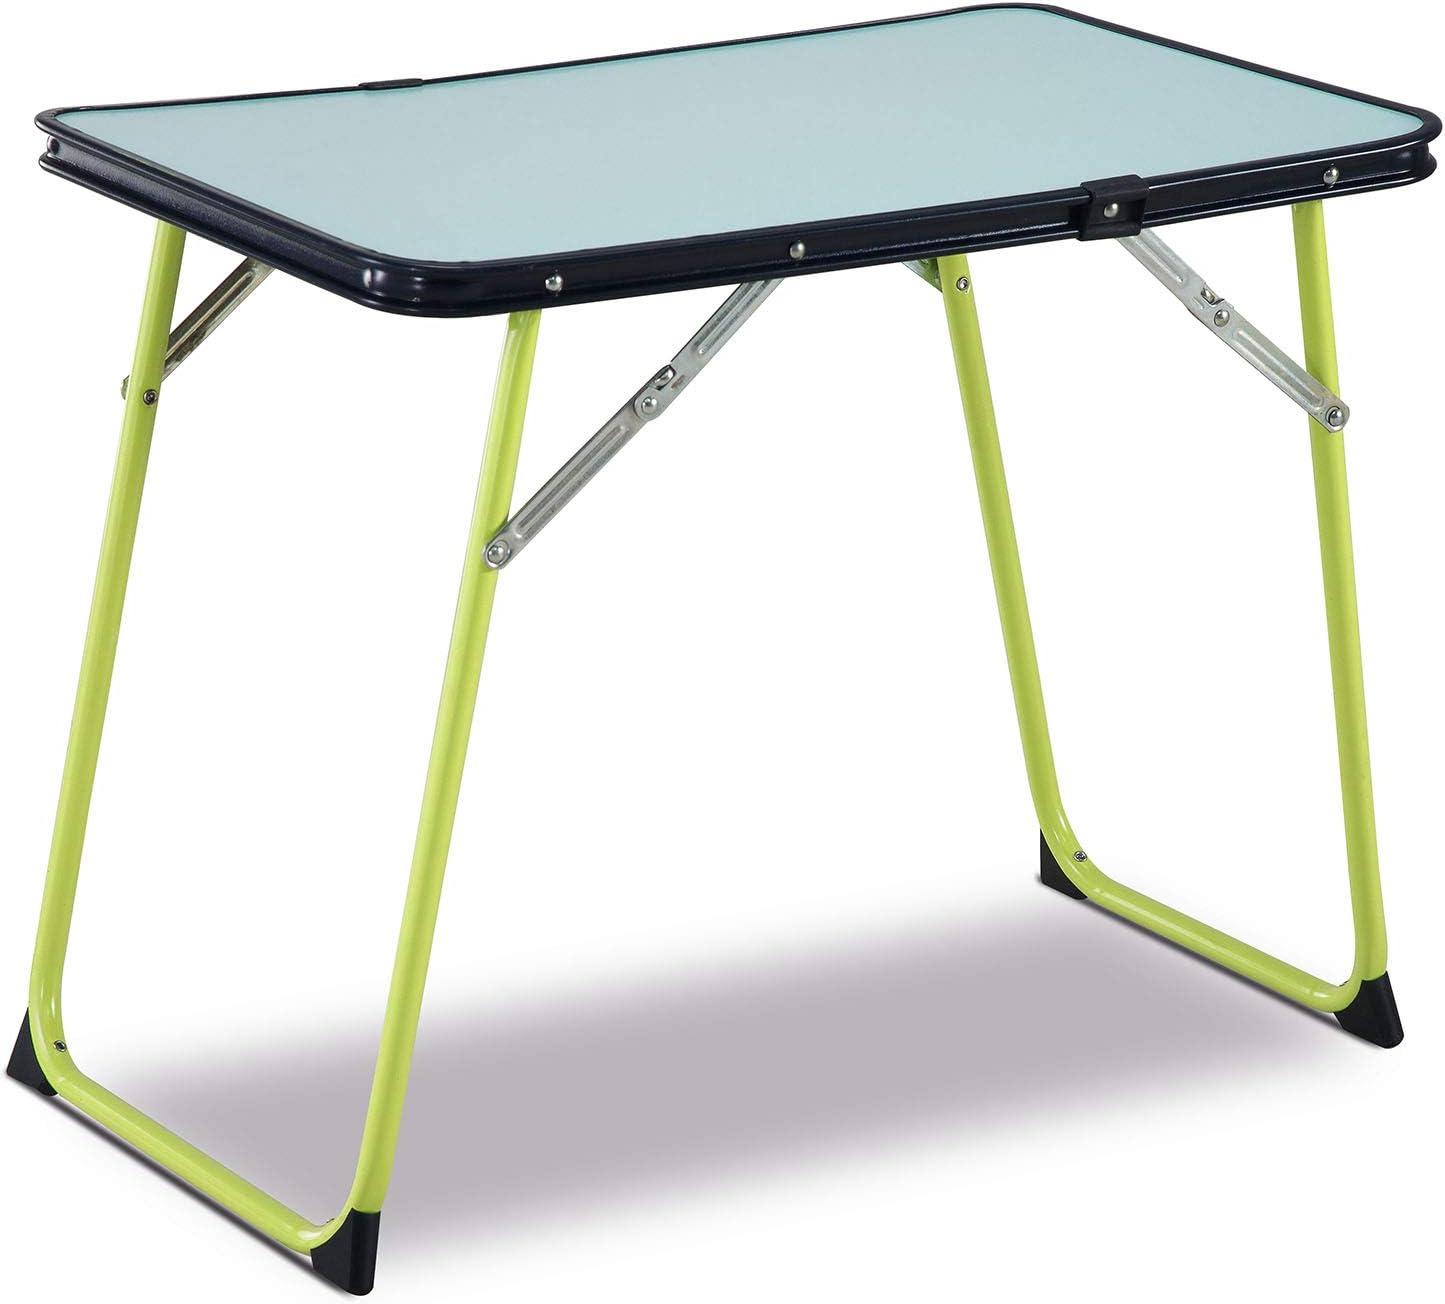 Tavolo per bambini in Durolac 60 x 40 cm Solenny 50001001175281